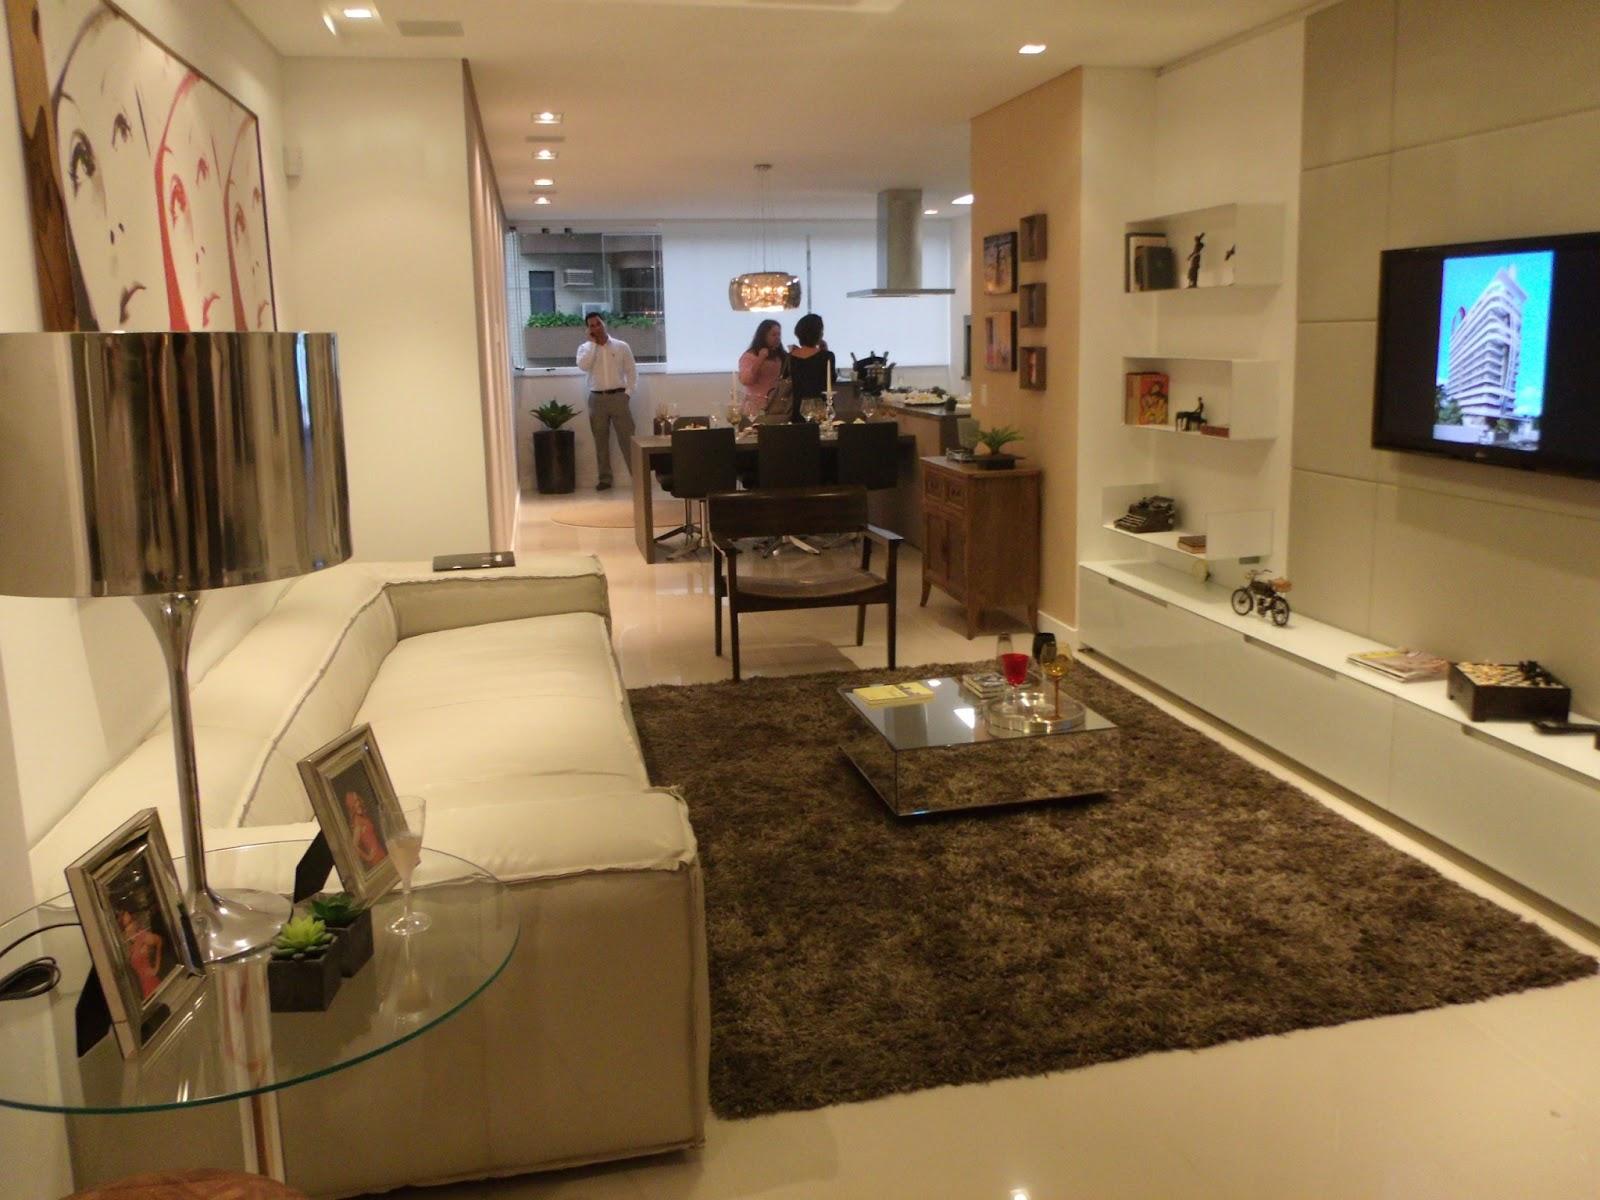 Pruzak Com Sala De Estar De Apartamento Pequeno Decorado Id Ias  -> Sala De Estar Apartamento Decoracao